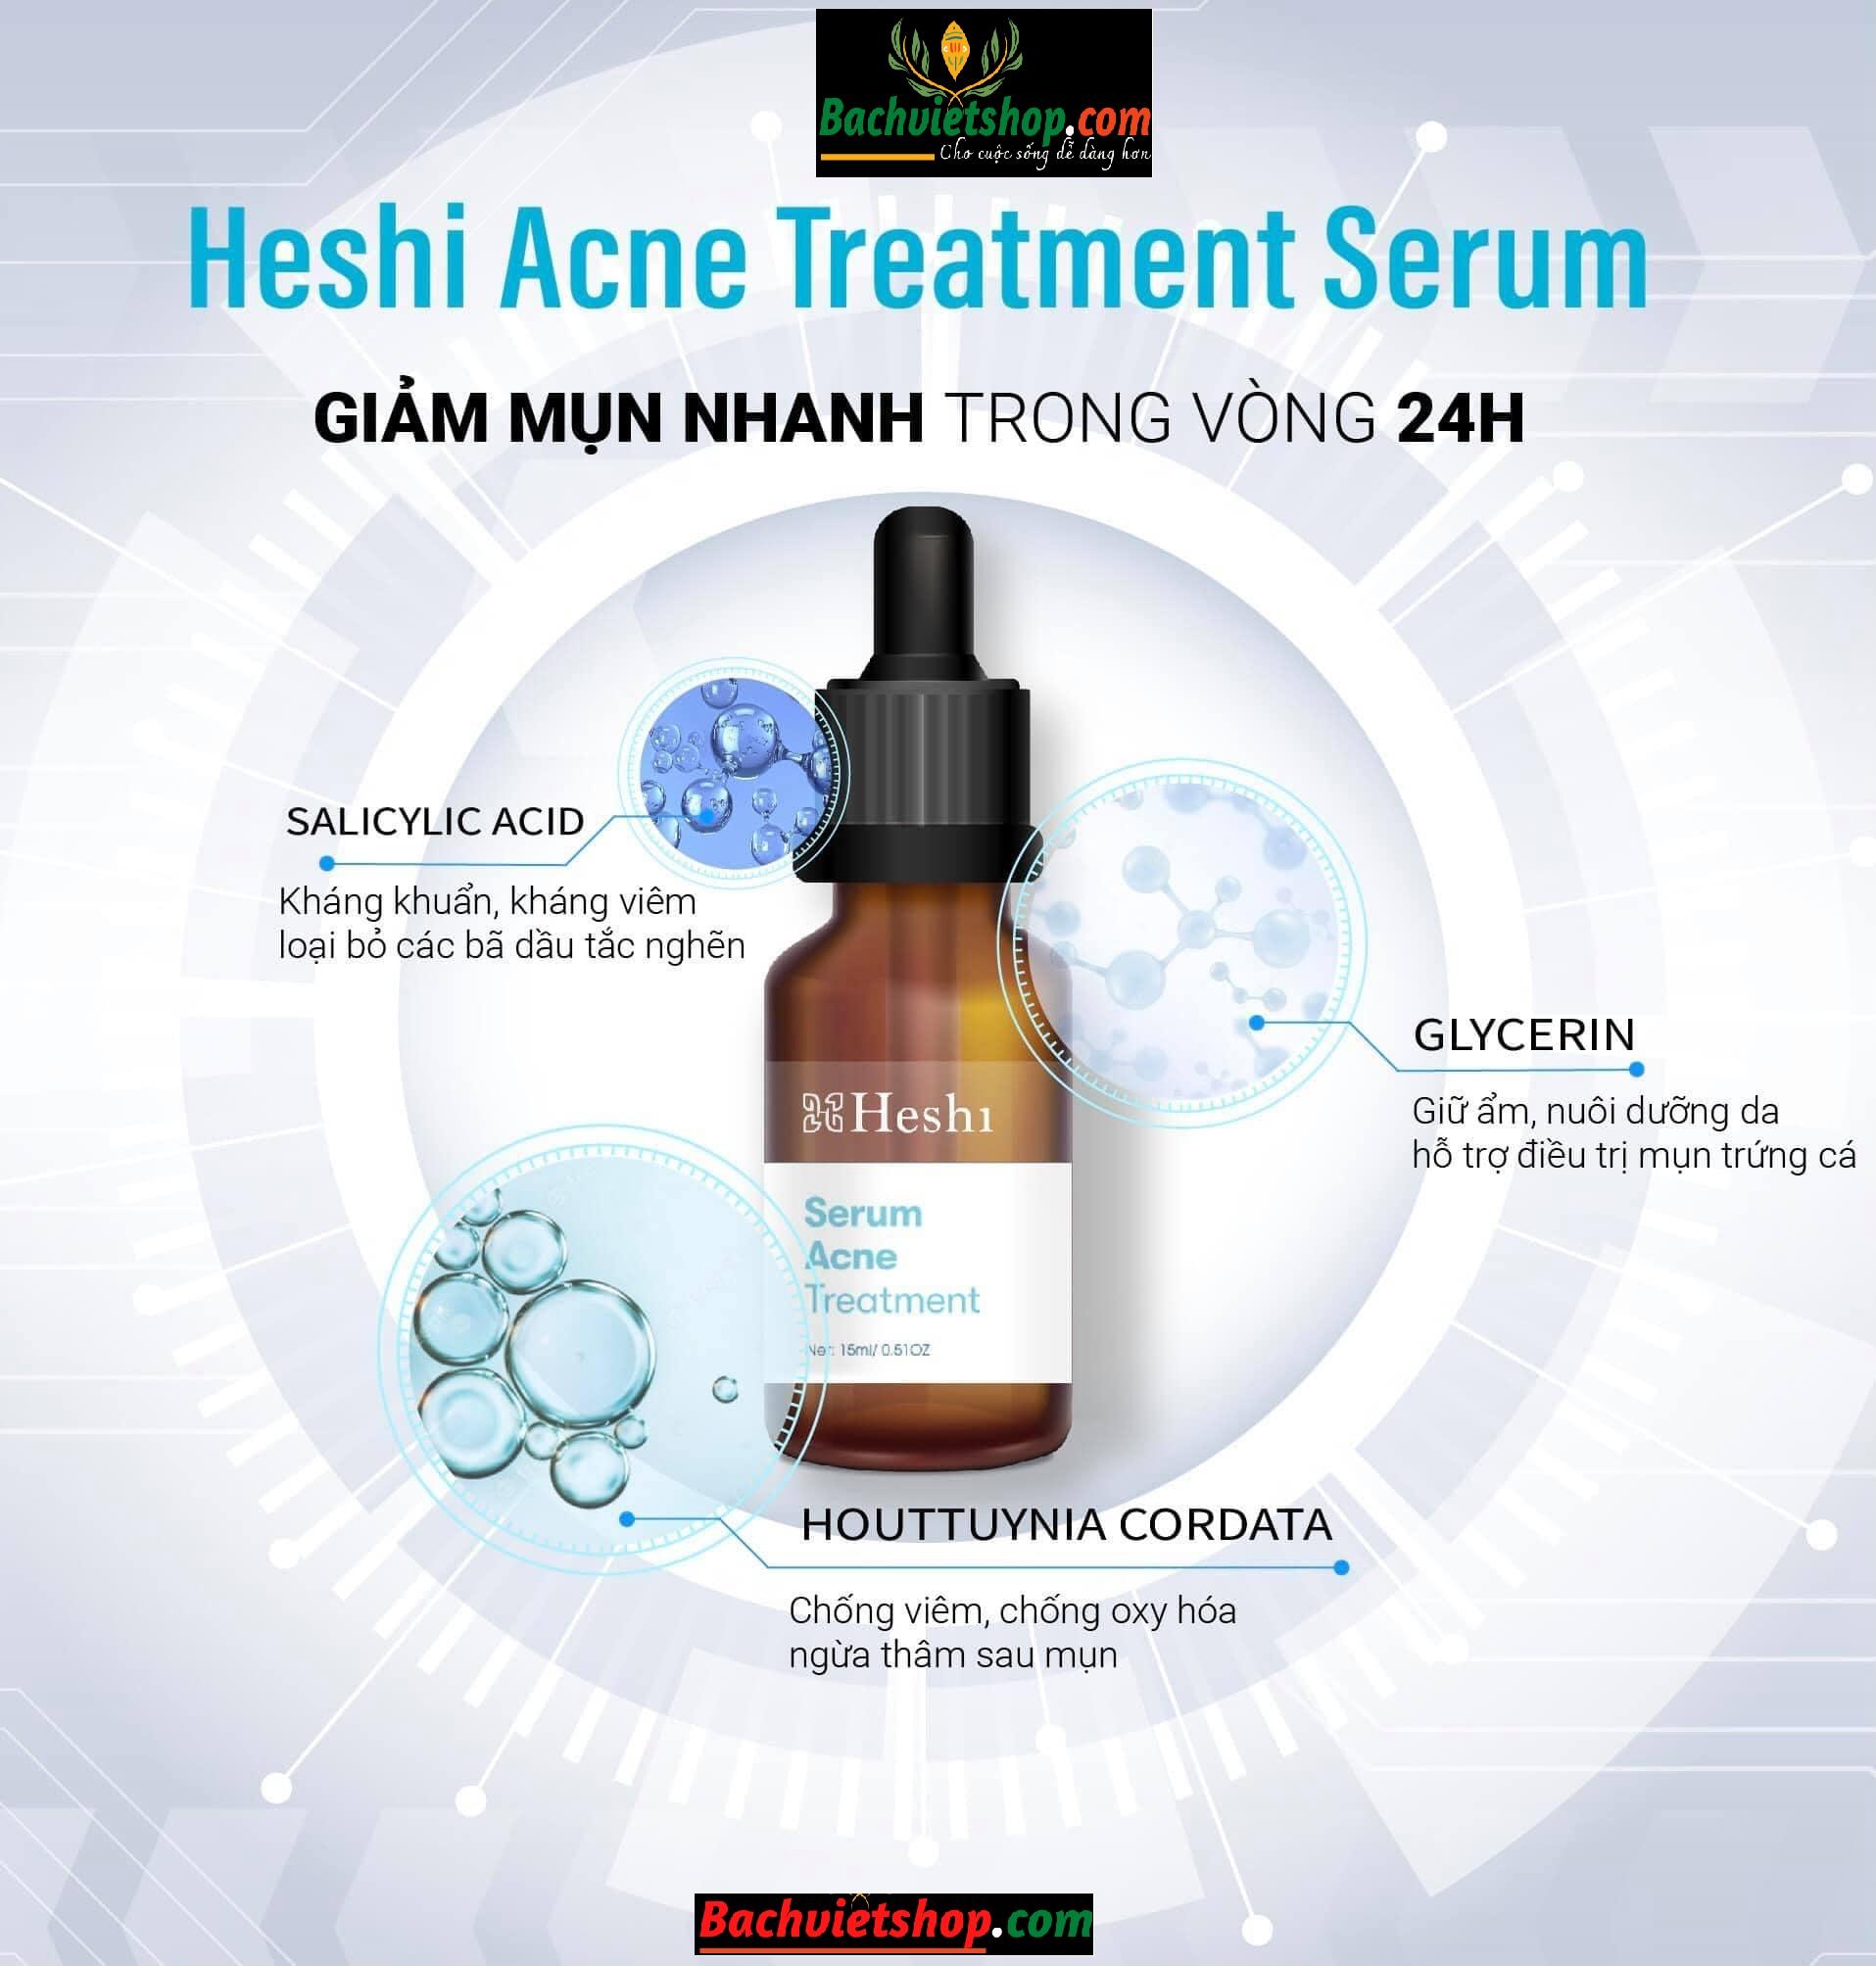 Tác dụng của serum trị mụn Heshi